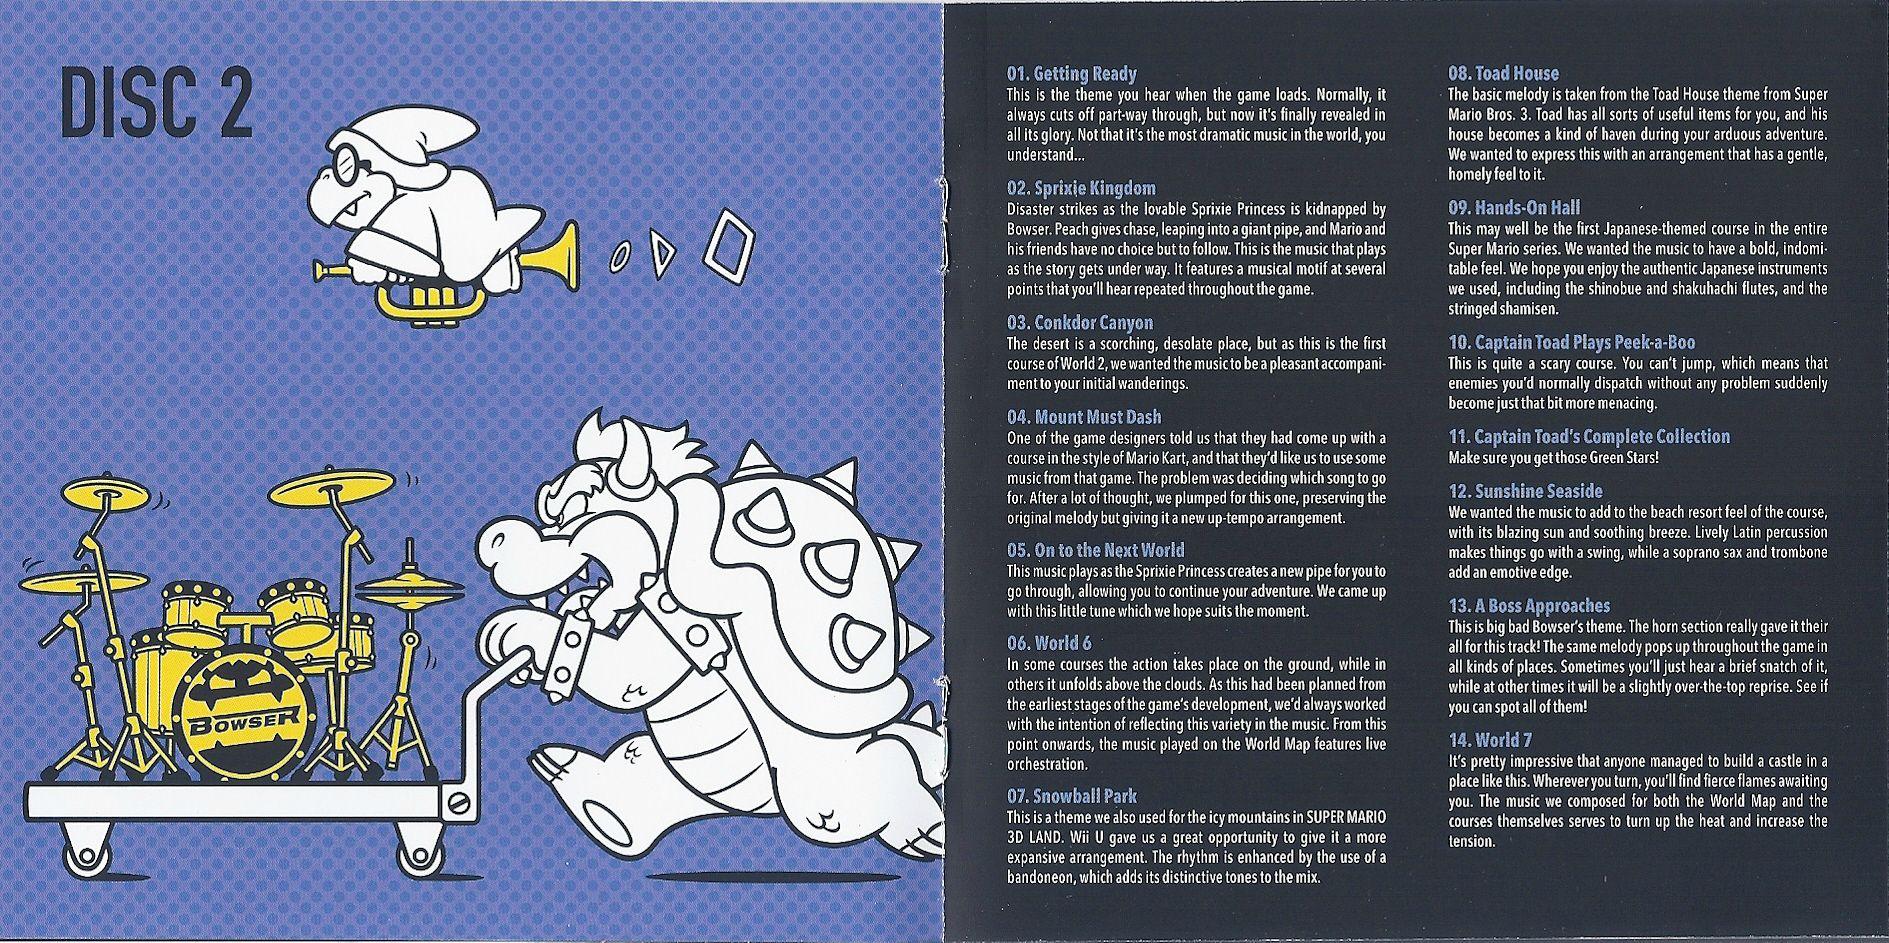 Disc 2 Song Descriptions | Super Mario | Know Your Meme